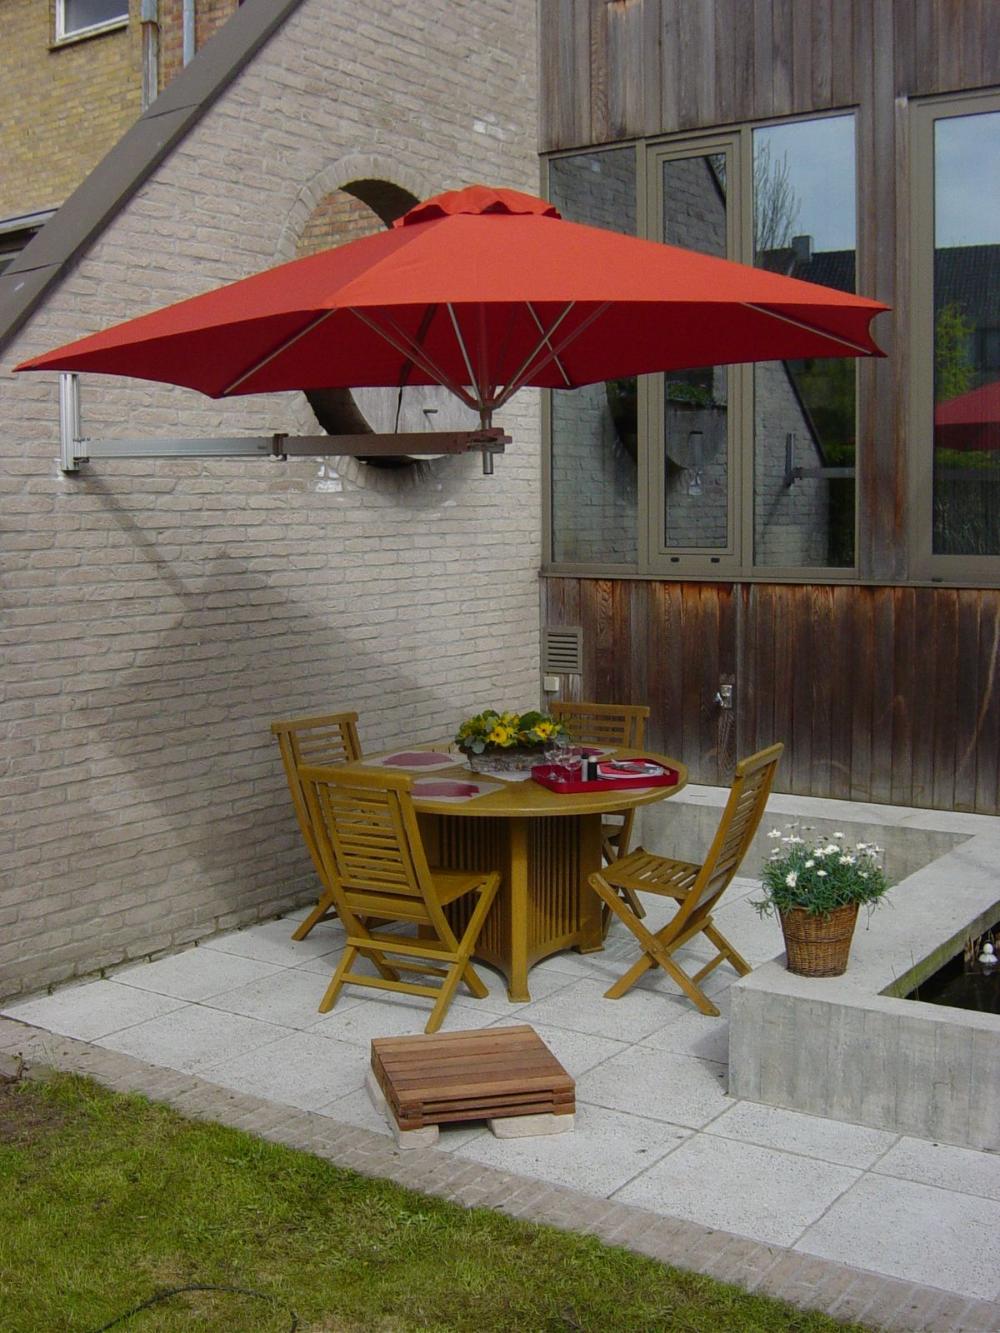 14 Sombrillas para patio